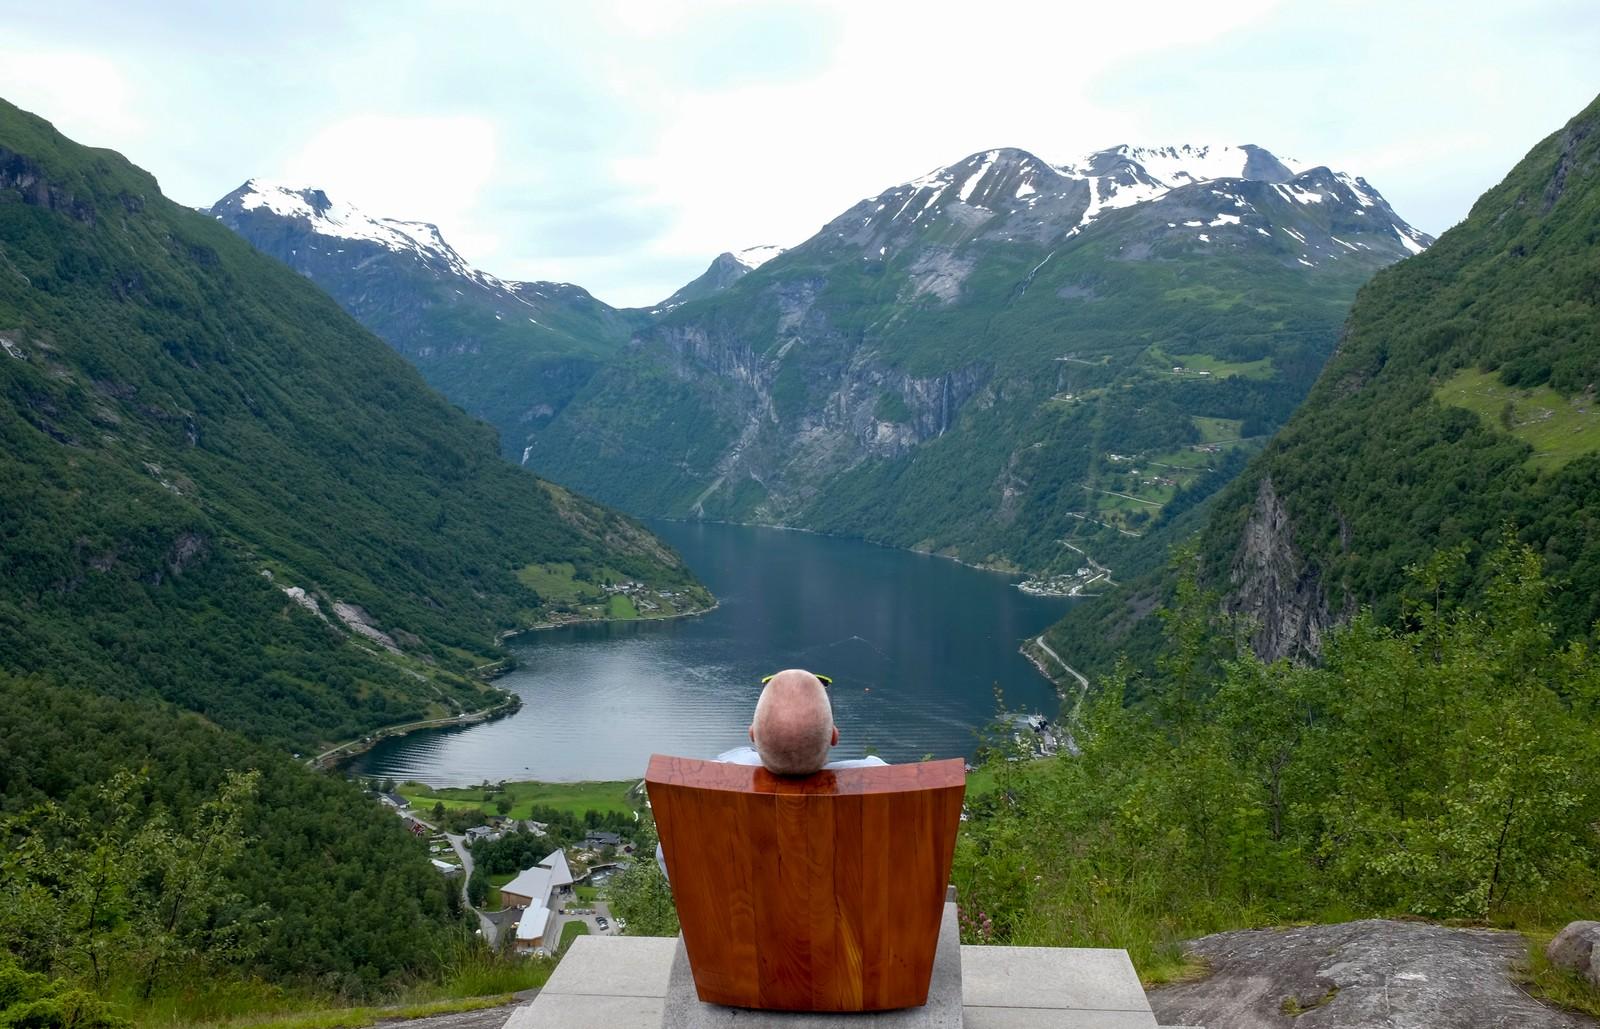 Utsikt fra Dronningstolen i Flydalsjuvet over Geiranger og Geirangerfjorden. Dronningstolen er et kunstverk utført til ære for dronning Sonja, og avduket av henne i 2003.